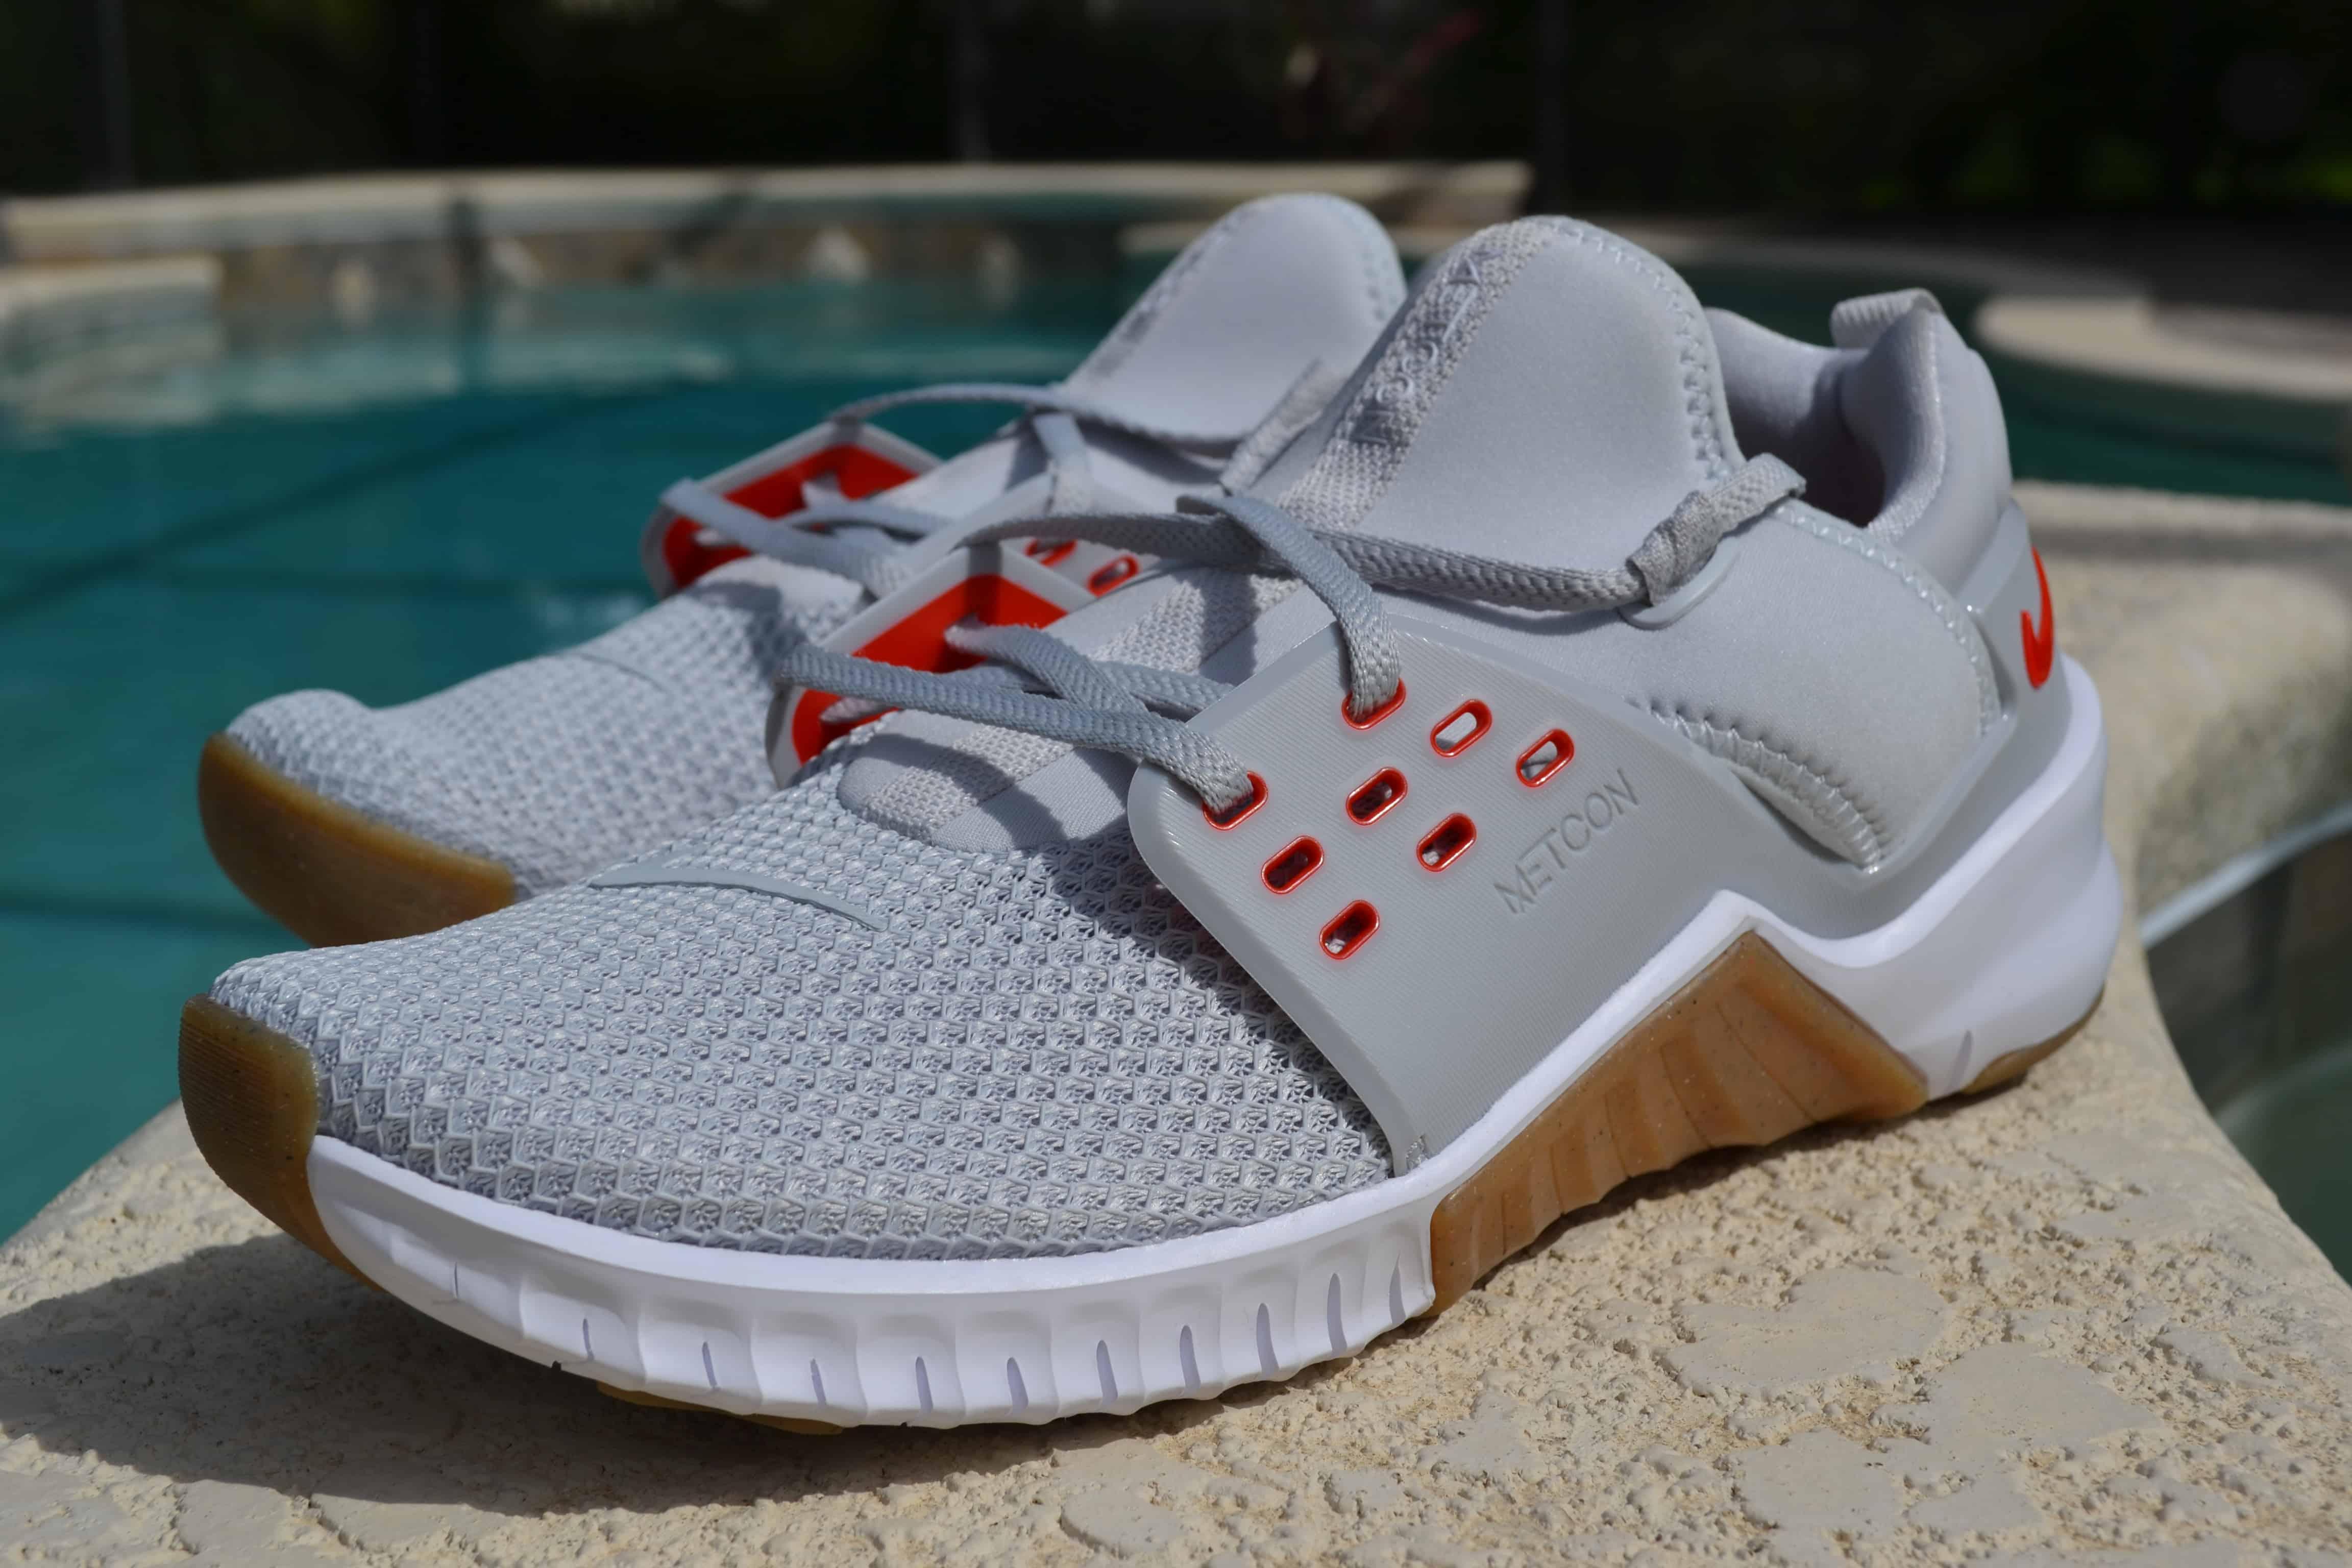 Nike Free X Metcon 2 – The Nike Metcon Running Shoe